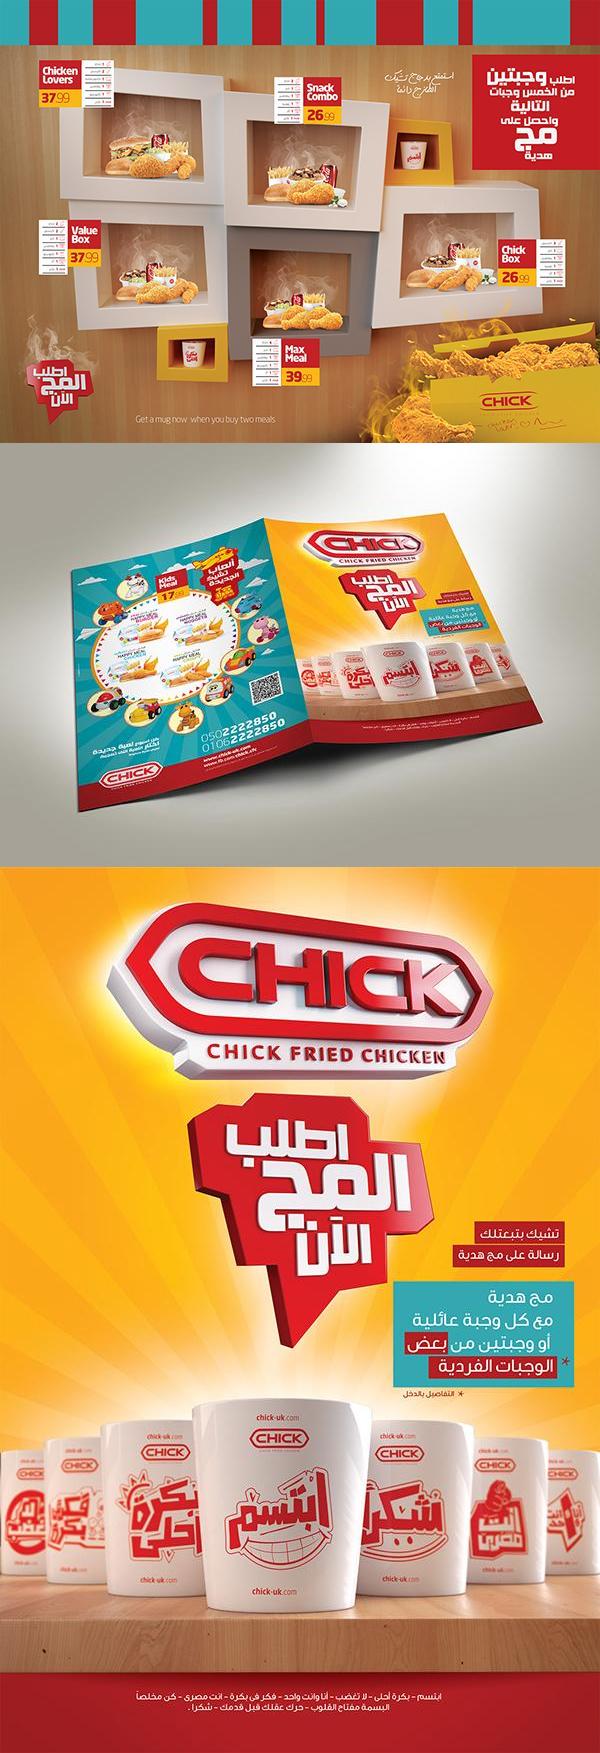 Chick Campaign